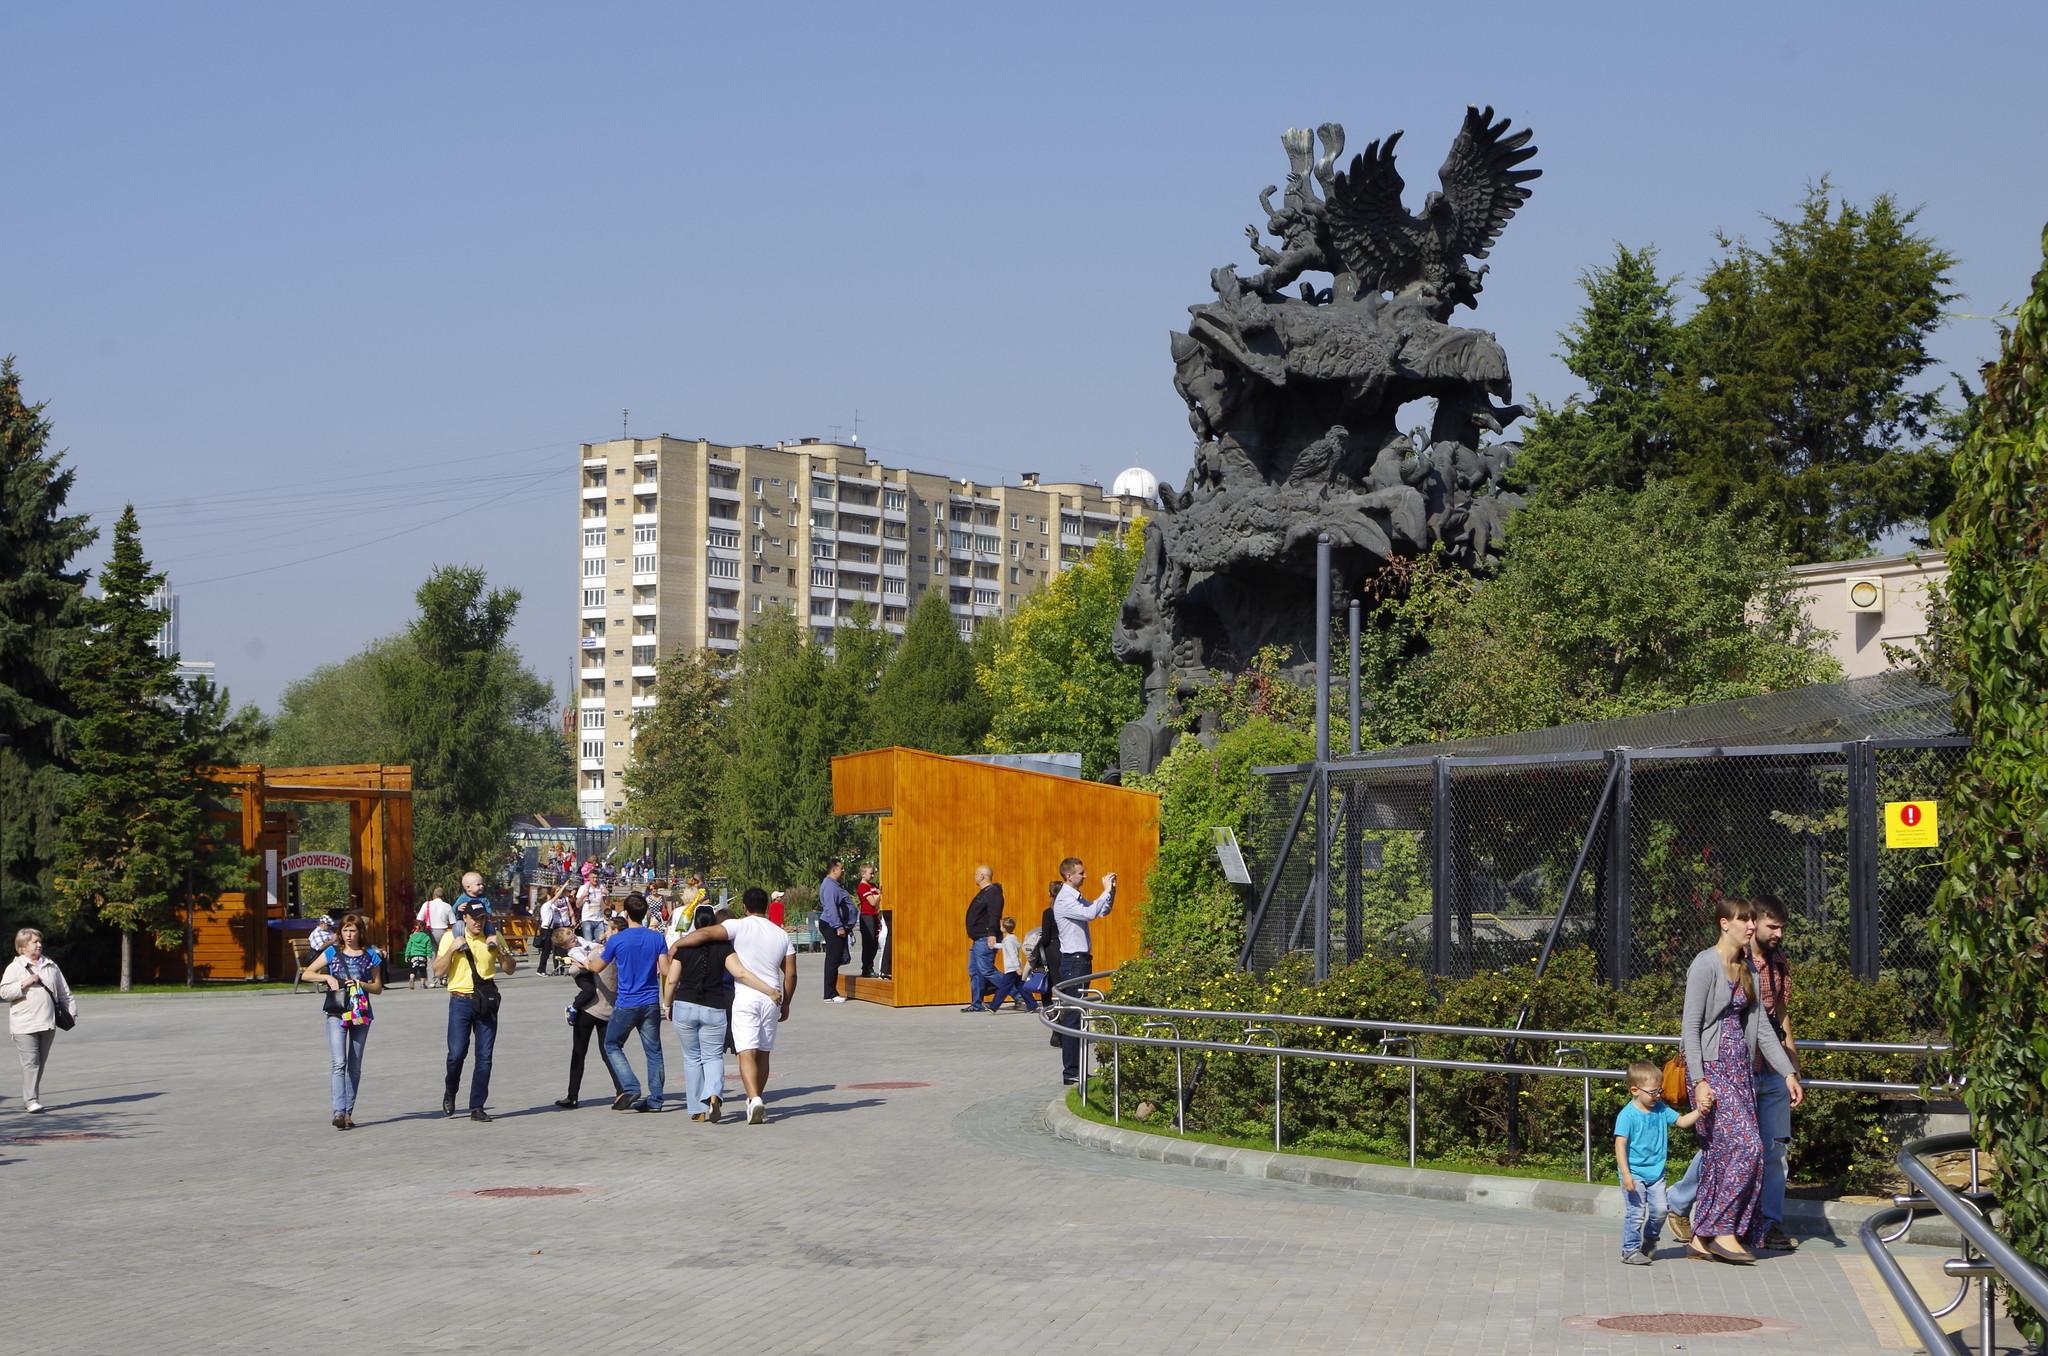 Скульптура «Дерево сказок» — работа скульптора Зураба Церетели, установленная в Московском зоопарке